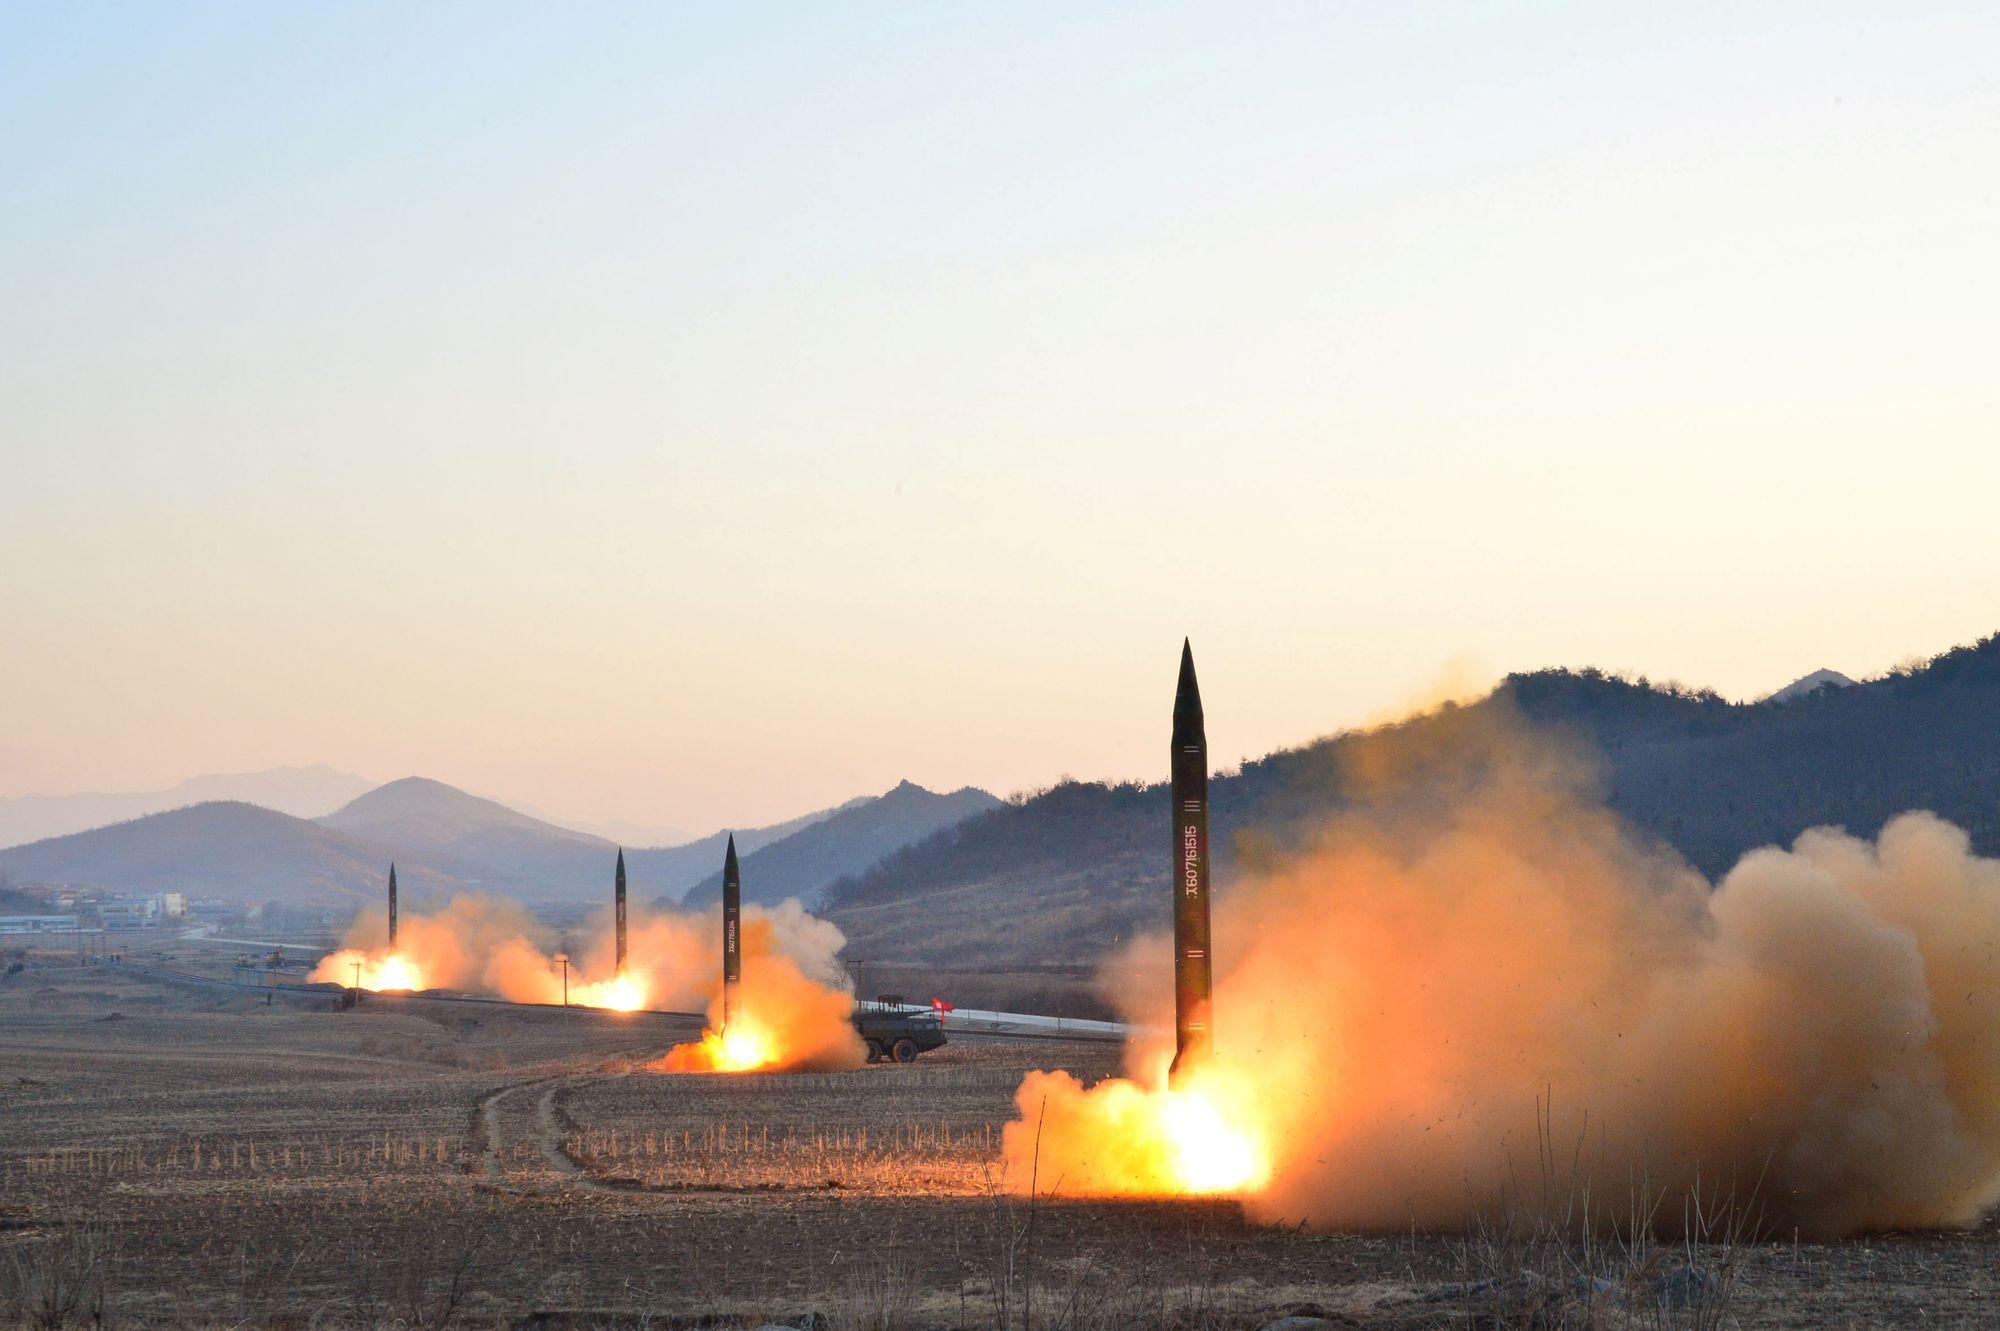 Tir de missile nord-coréen : le JCS parle de répliques sévères